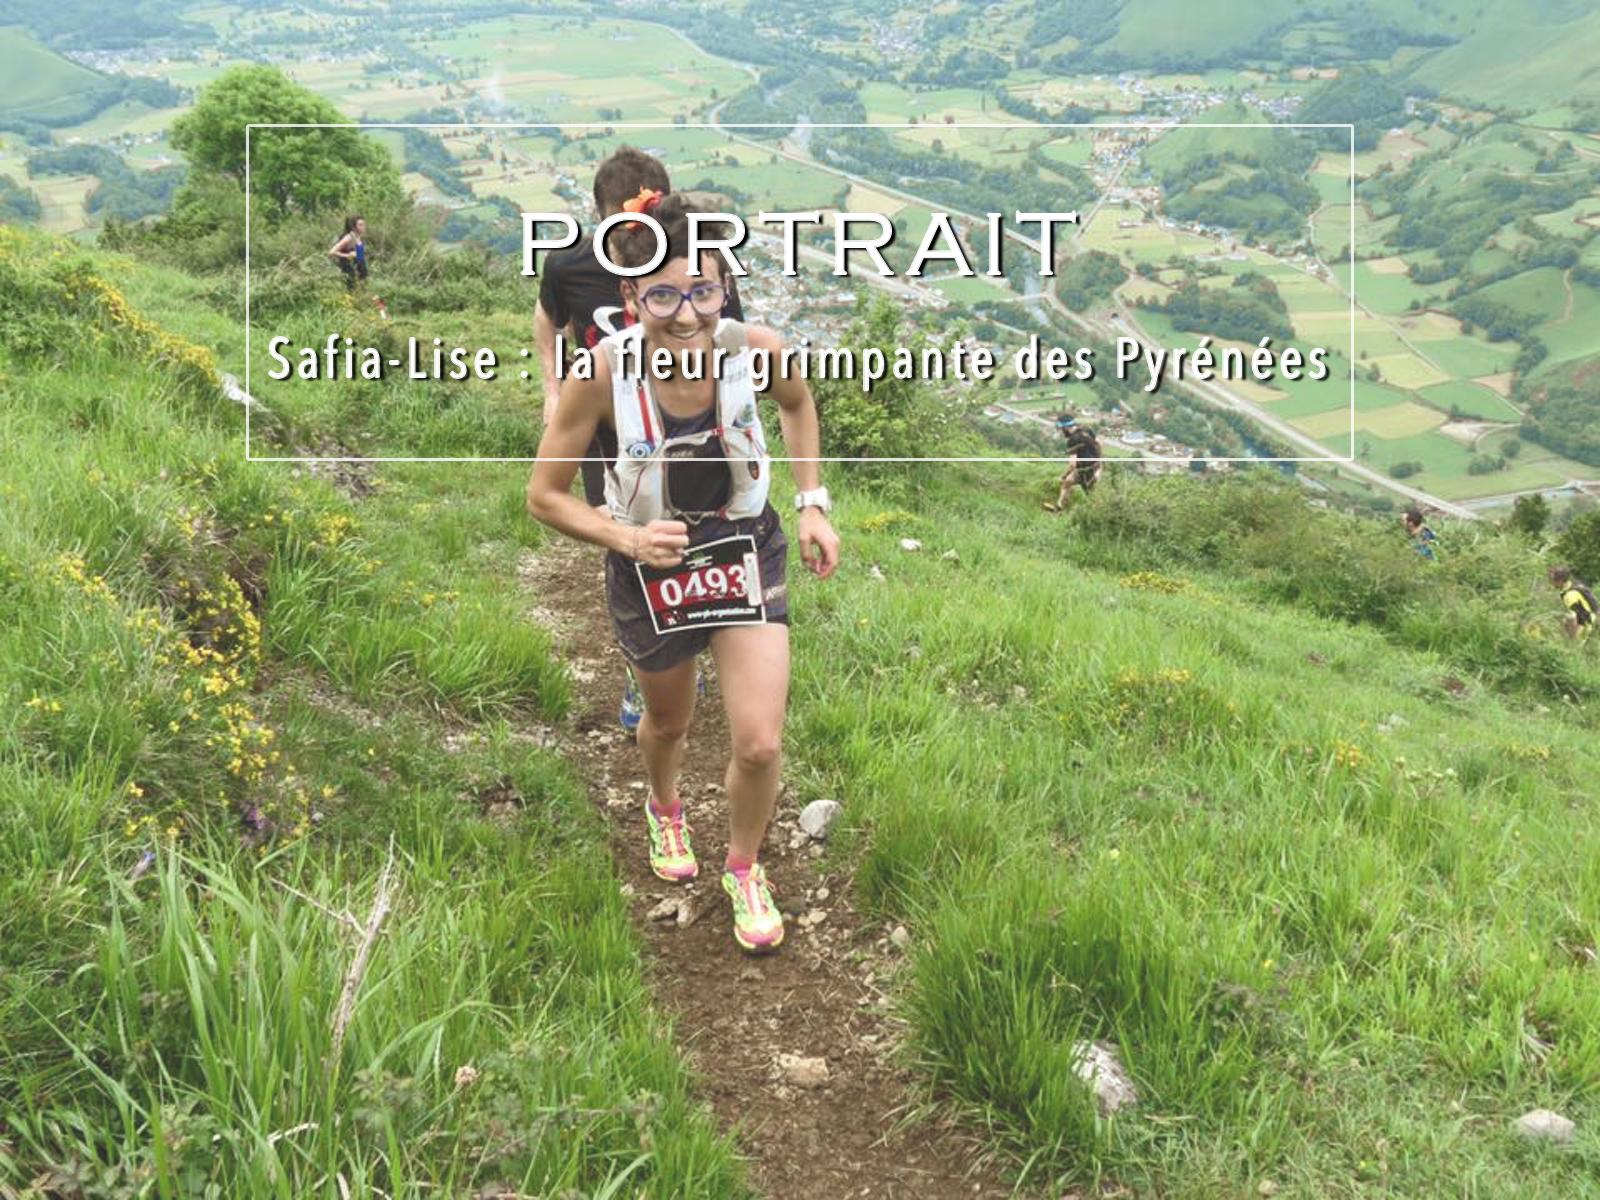 Trail&CO - Sport, Voyage et Outdoor: Ces filles qui